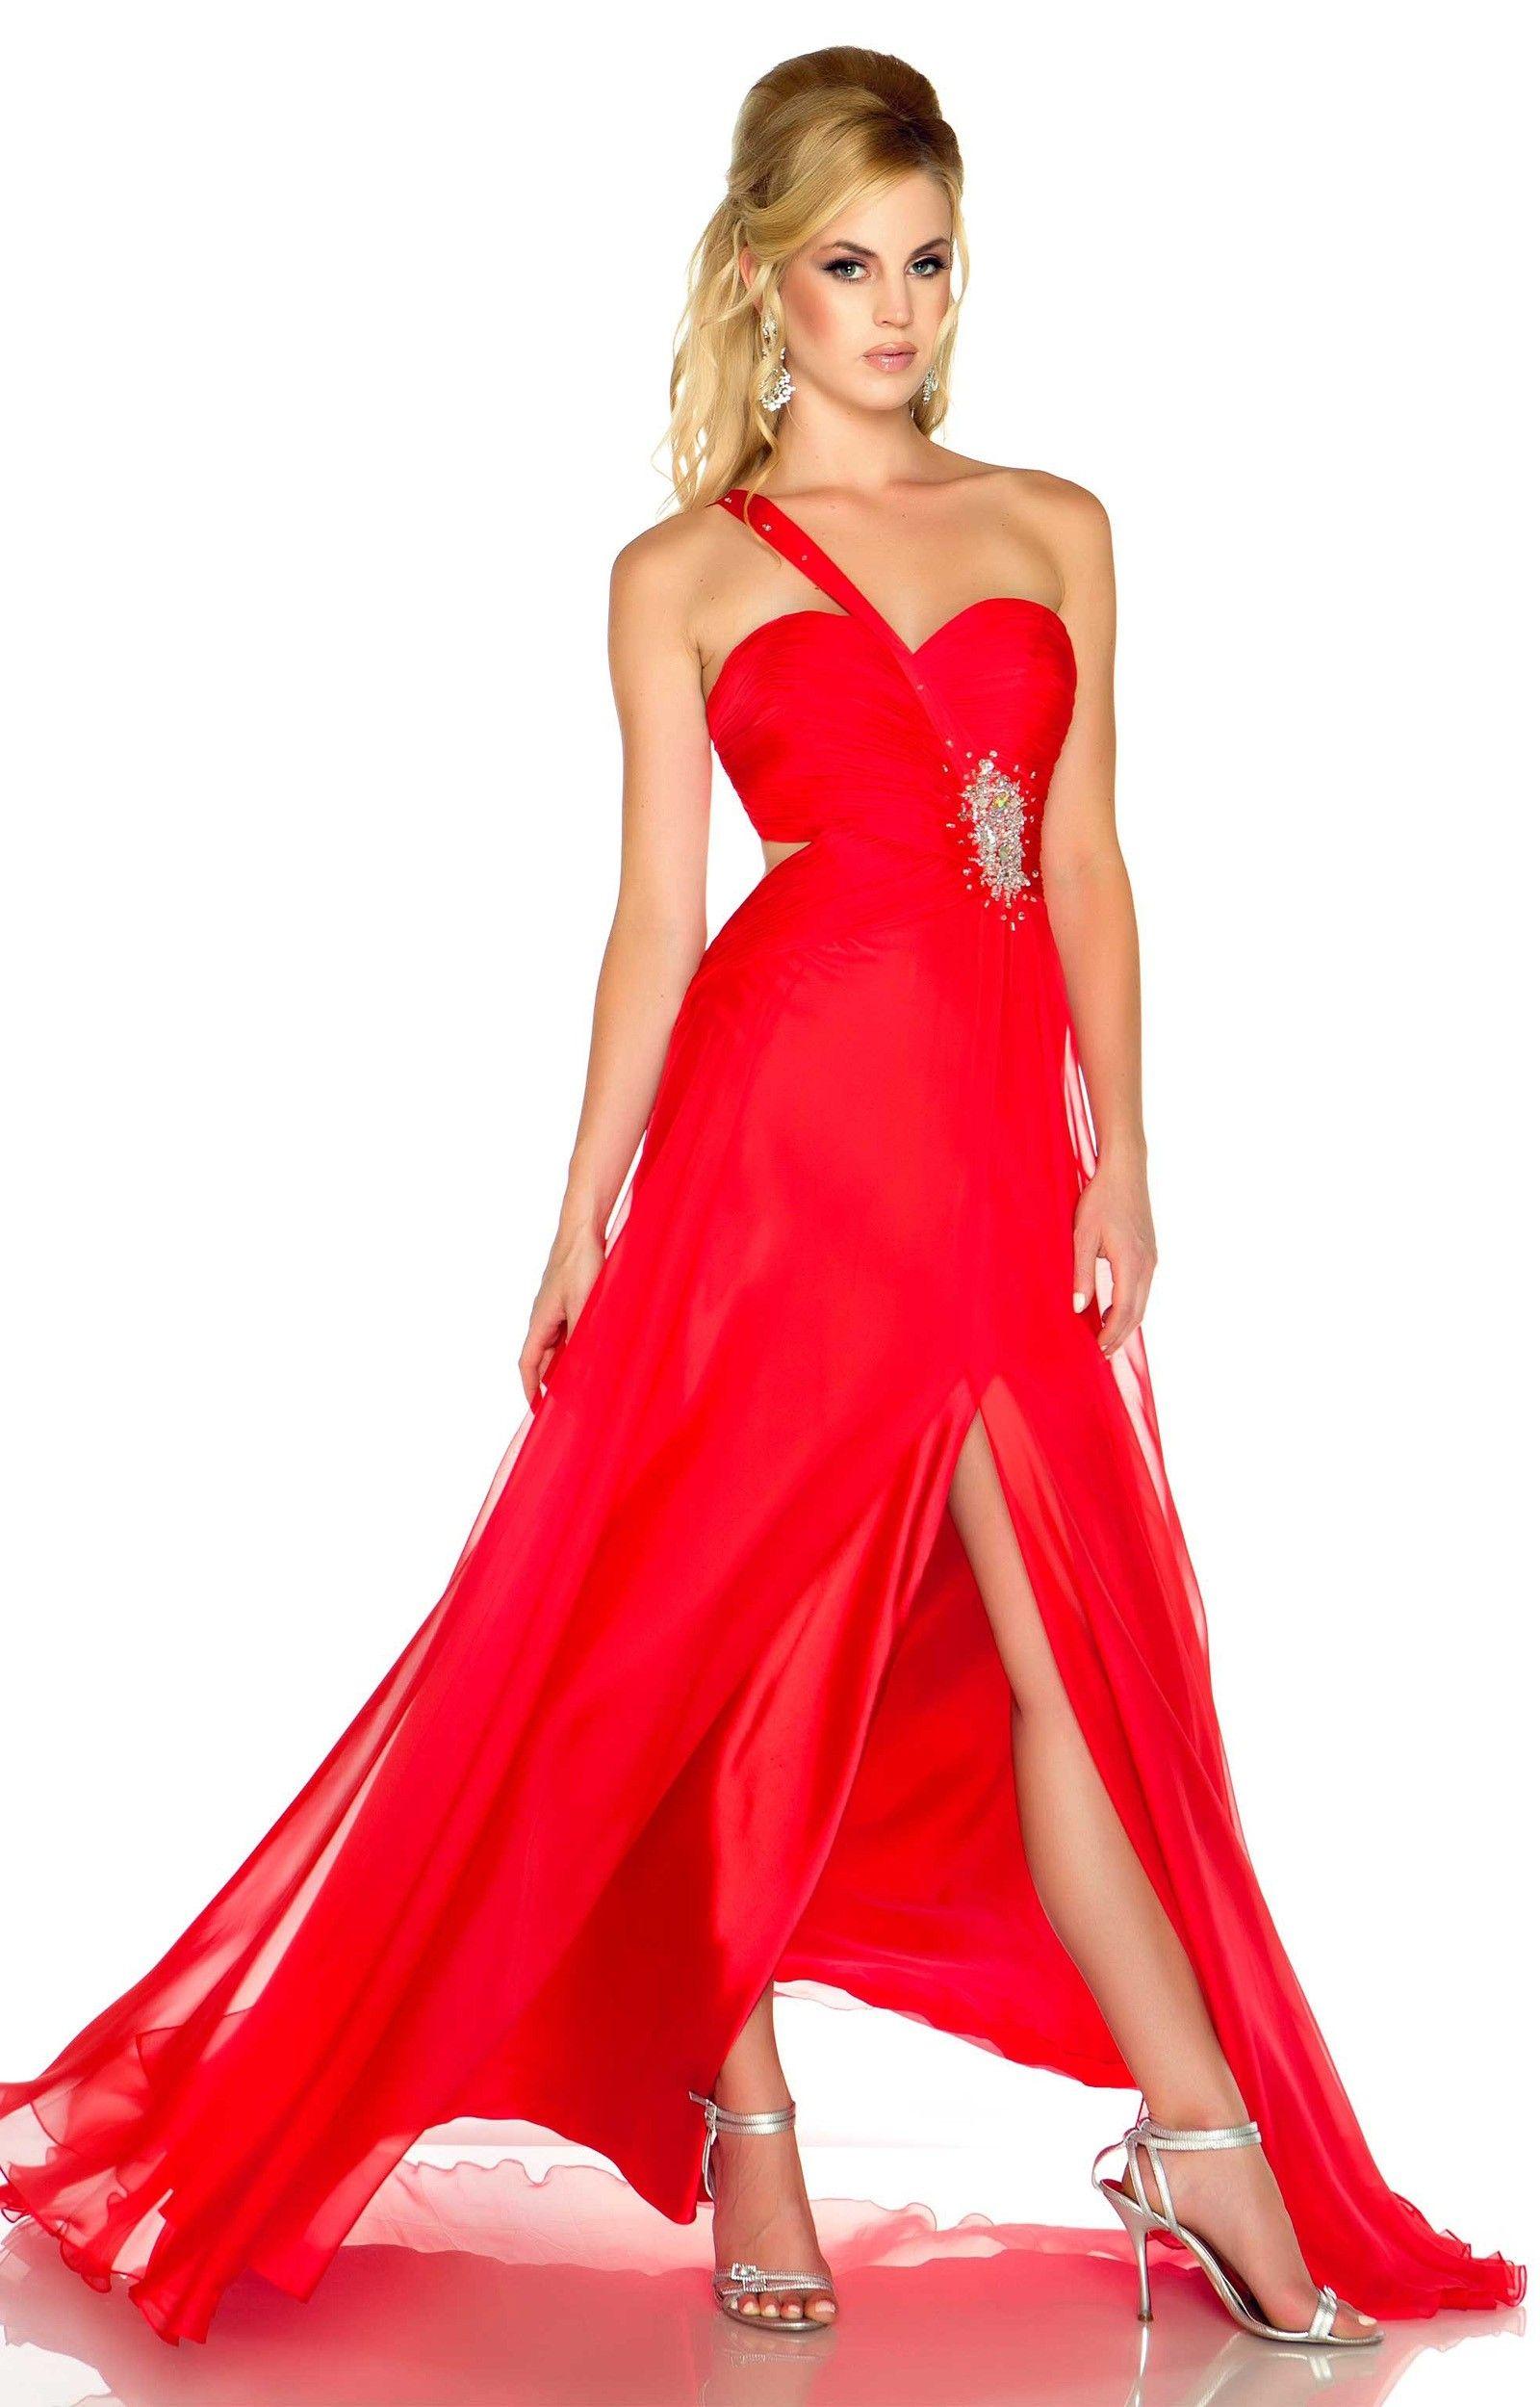 Flash l prom dress promdressbrands promdressballgown